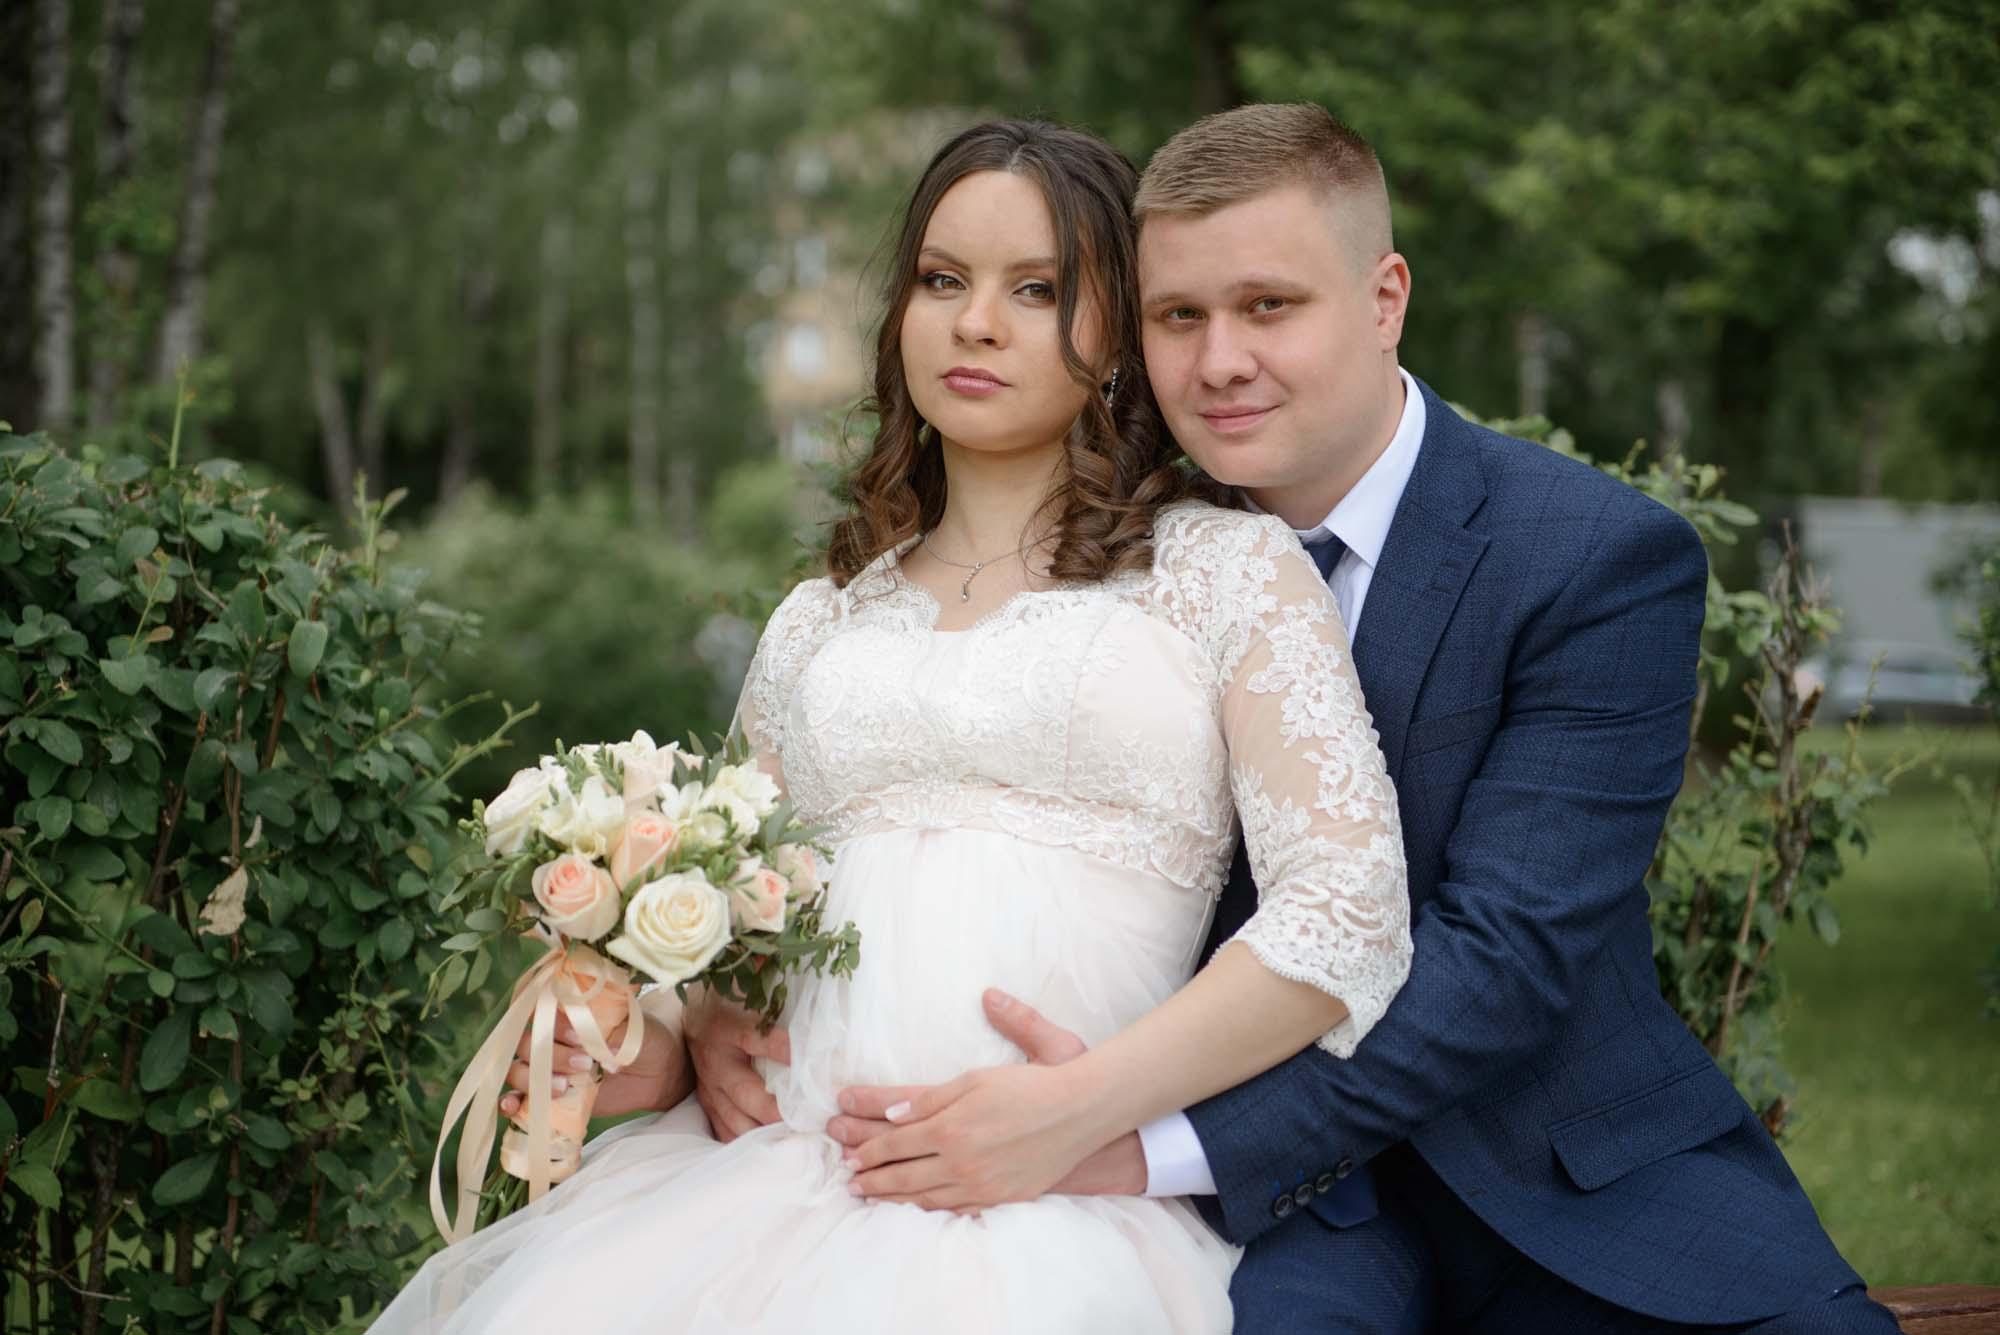 свадебная фотосессия, свадебный фотограф, фотограф на свадьбу